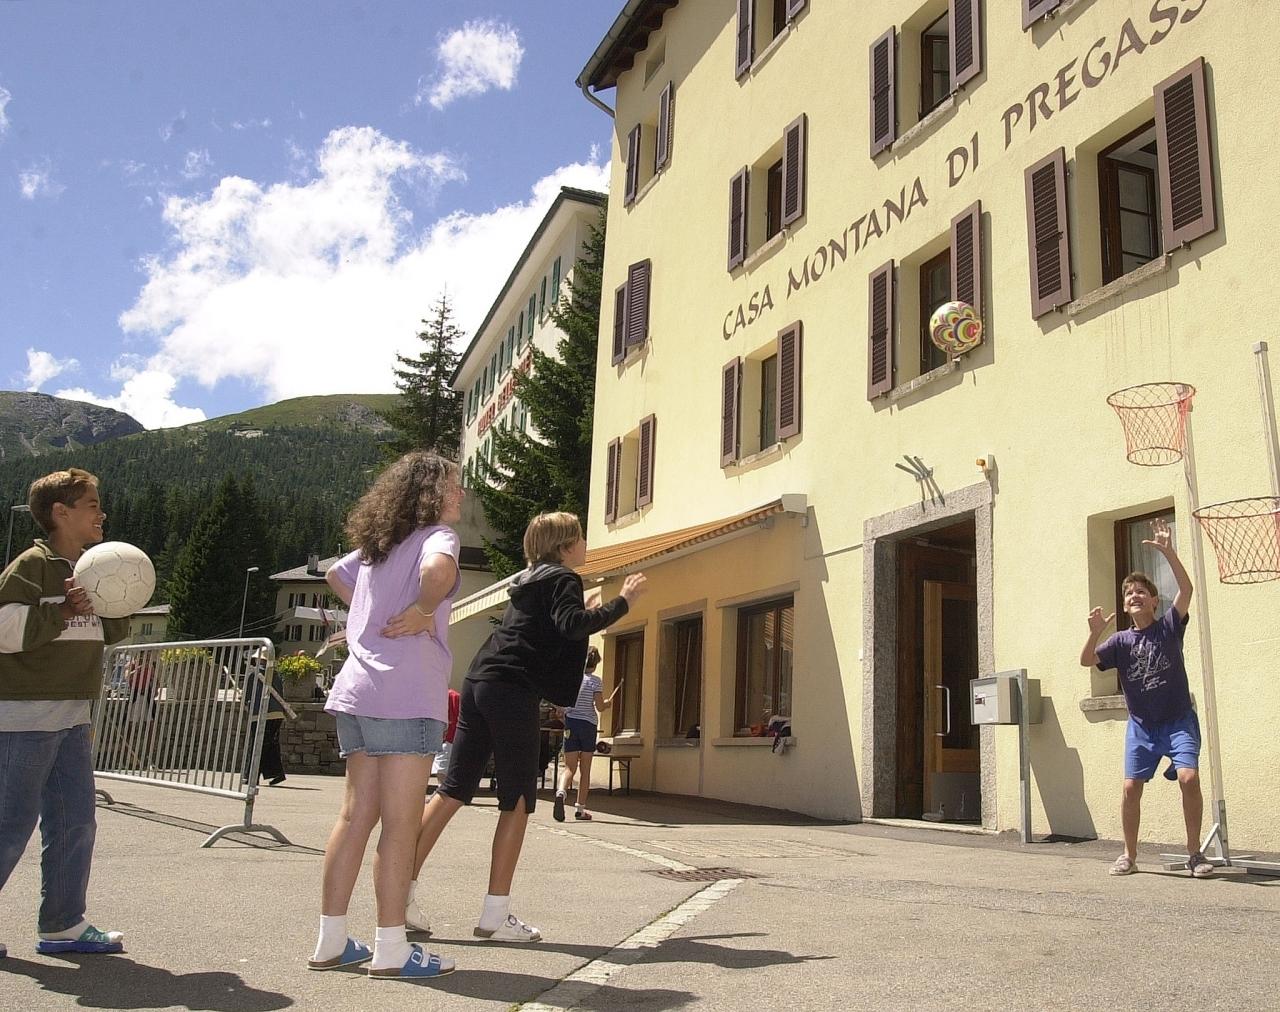 Ticinonline la casa montana di pregassona presto all 39 asta - Ricomprare la propria casa all asta ...